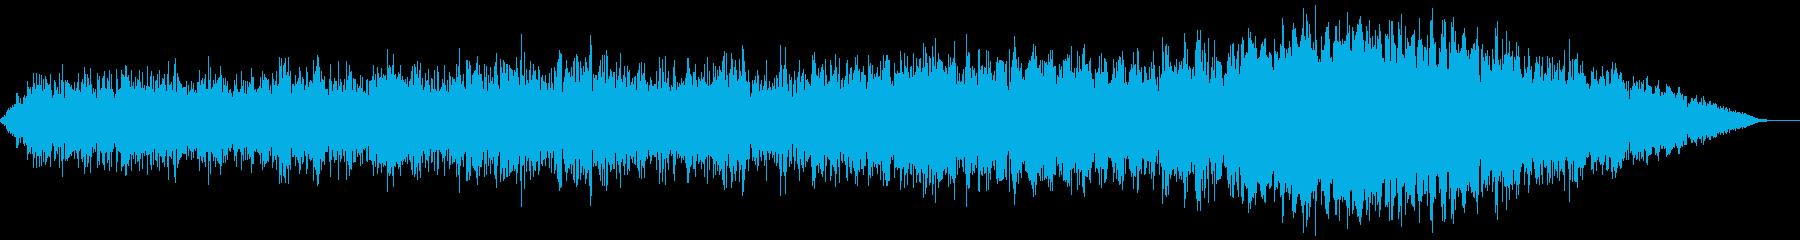 【アンビエント】ドローン_35 実験音の再生済みの波形